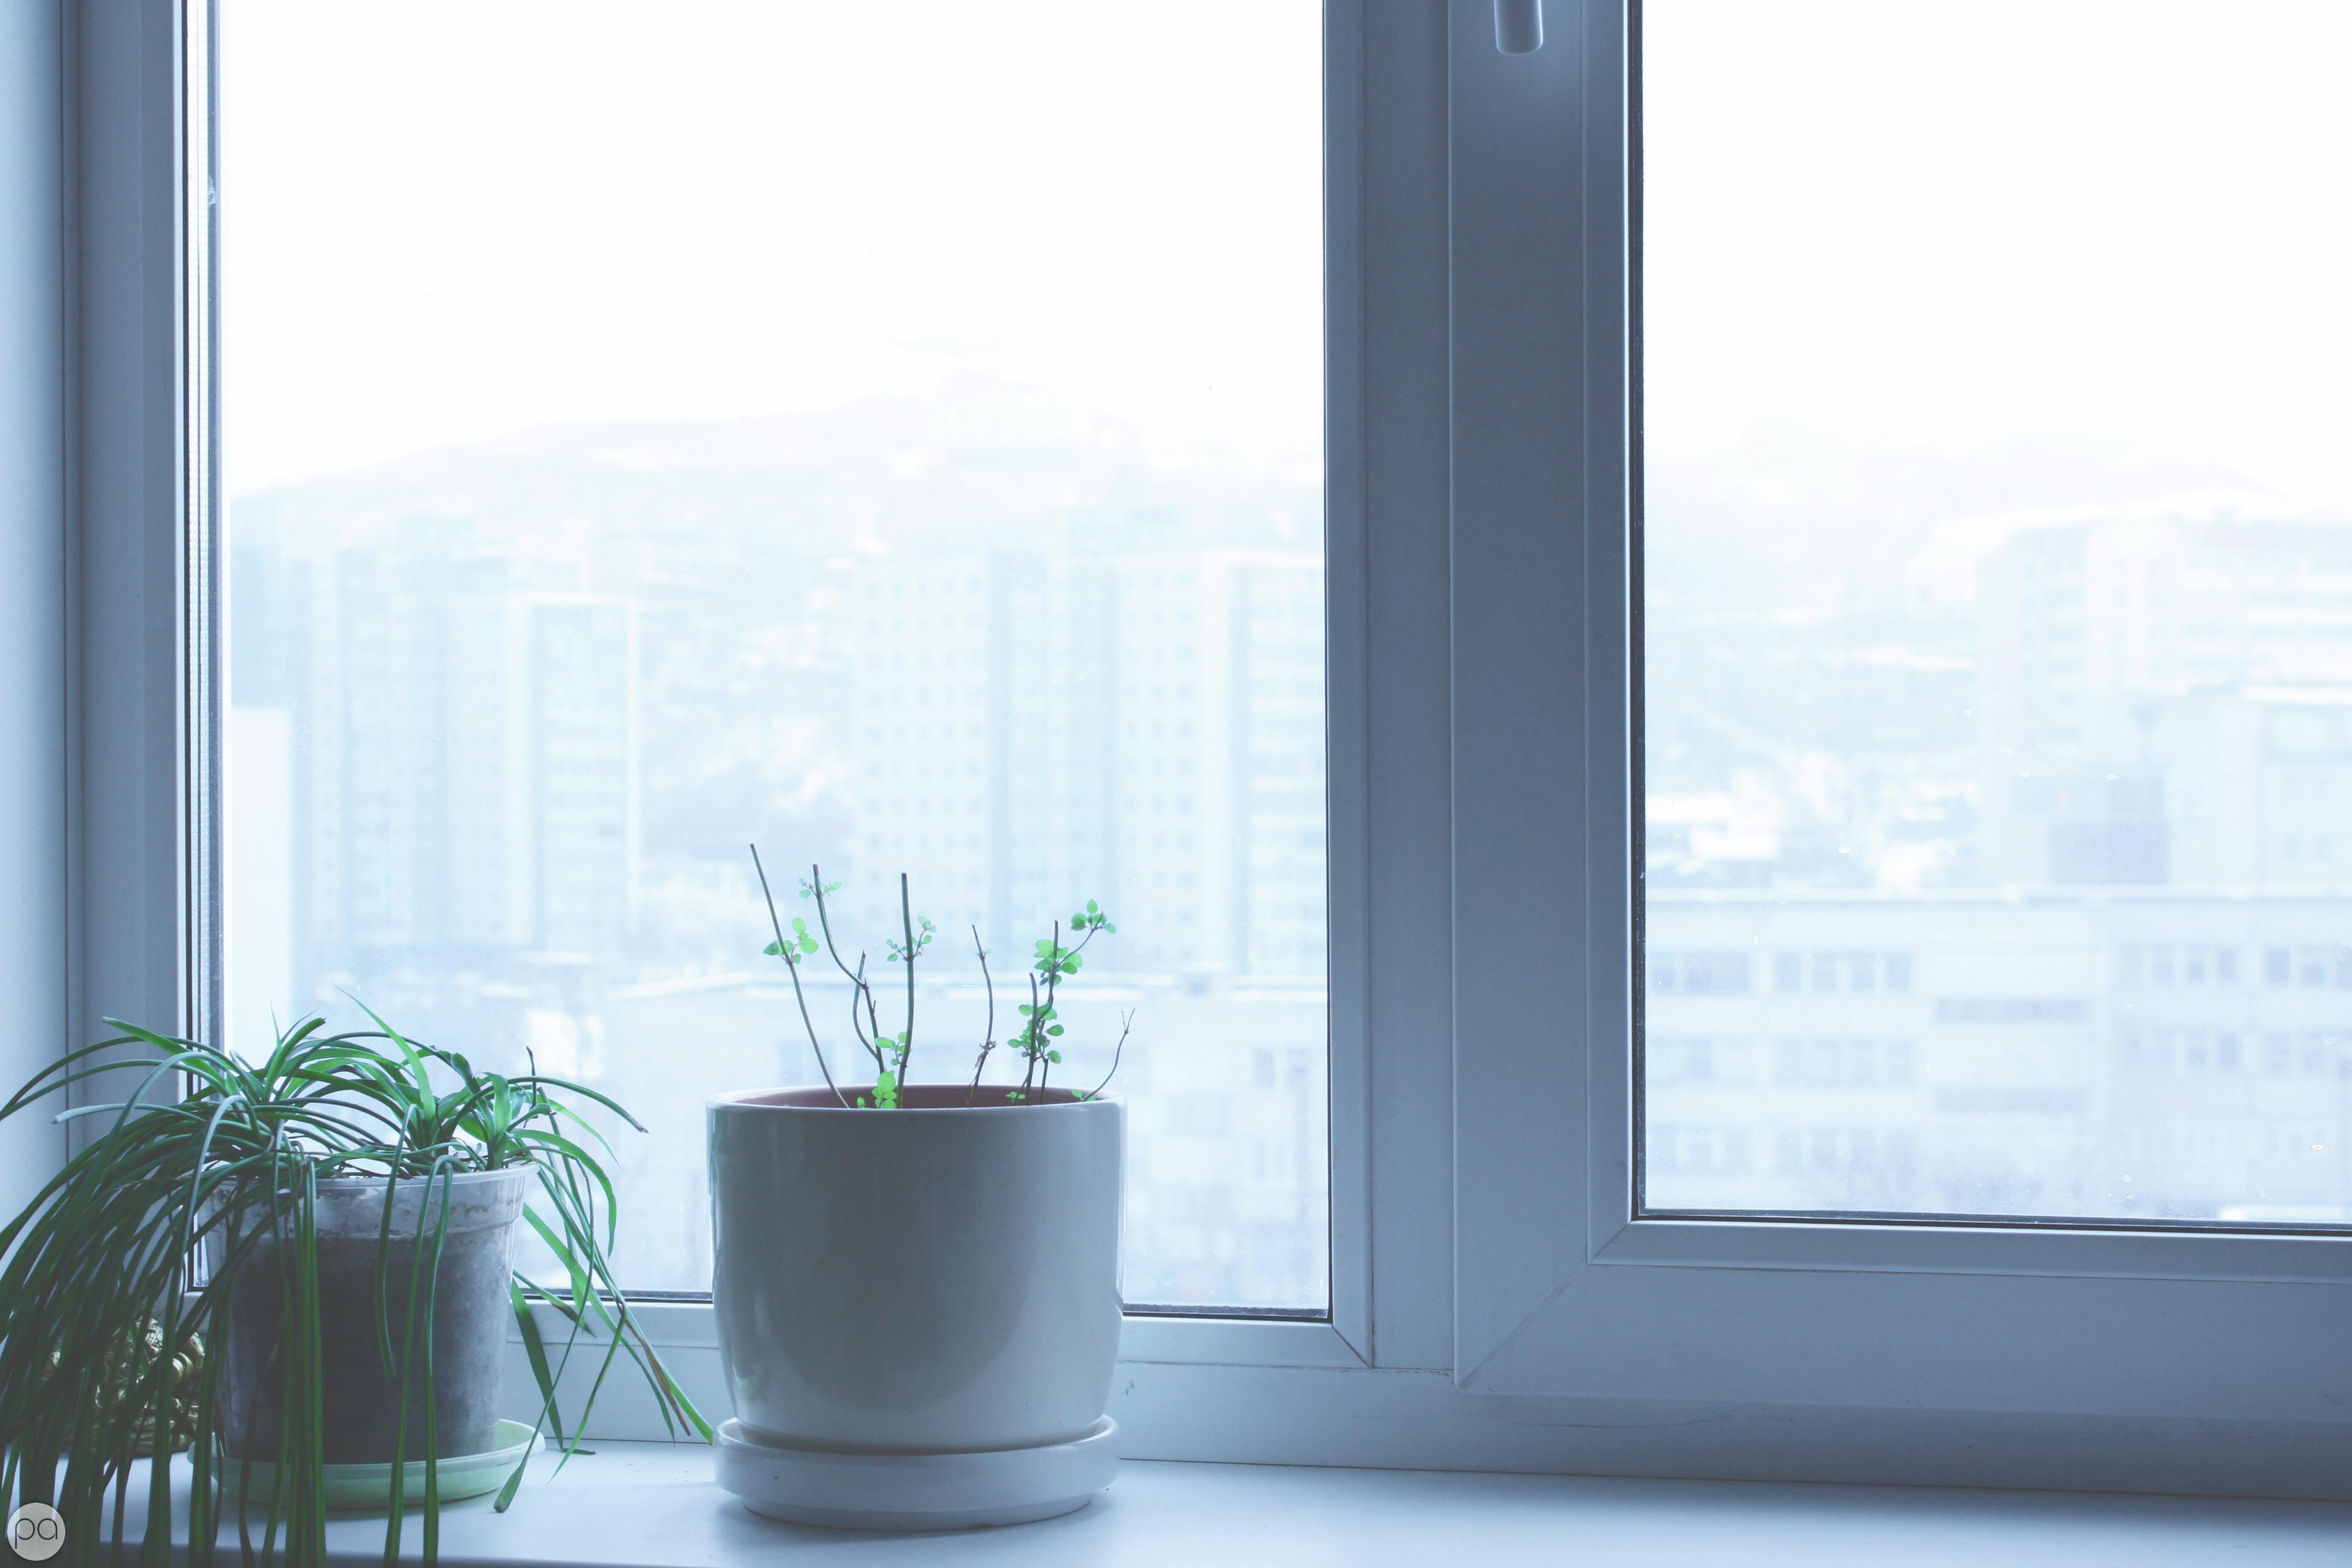 картинка фон окна чернобровина